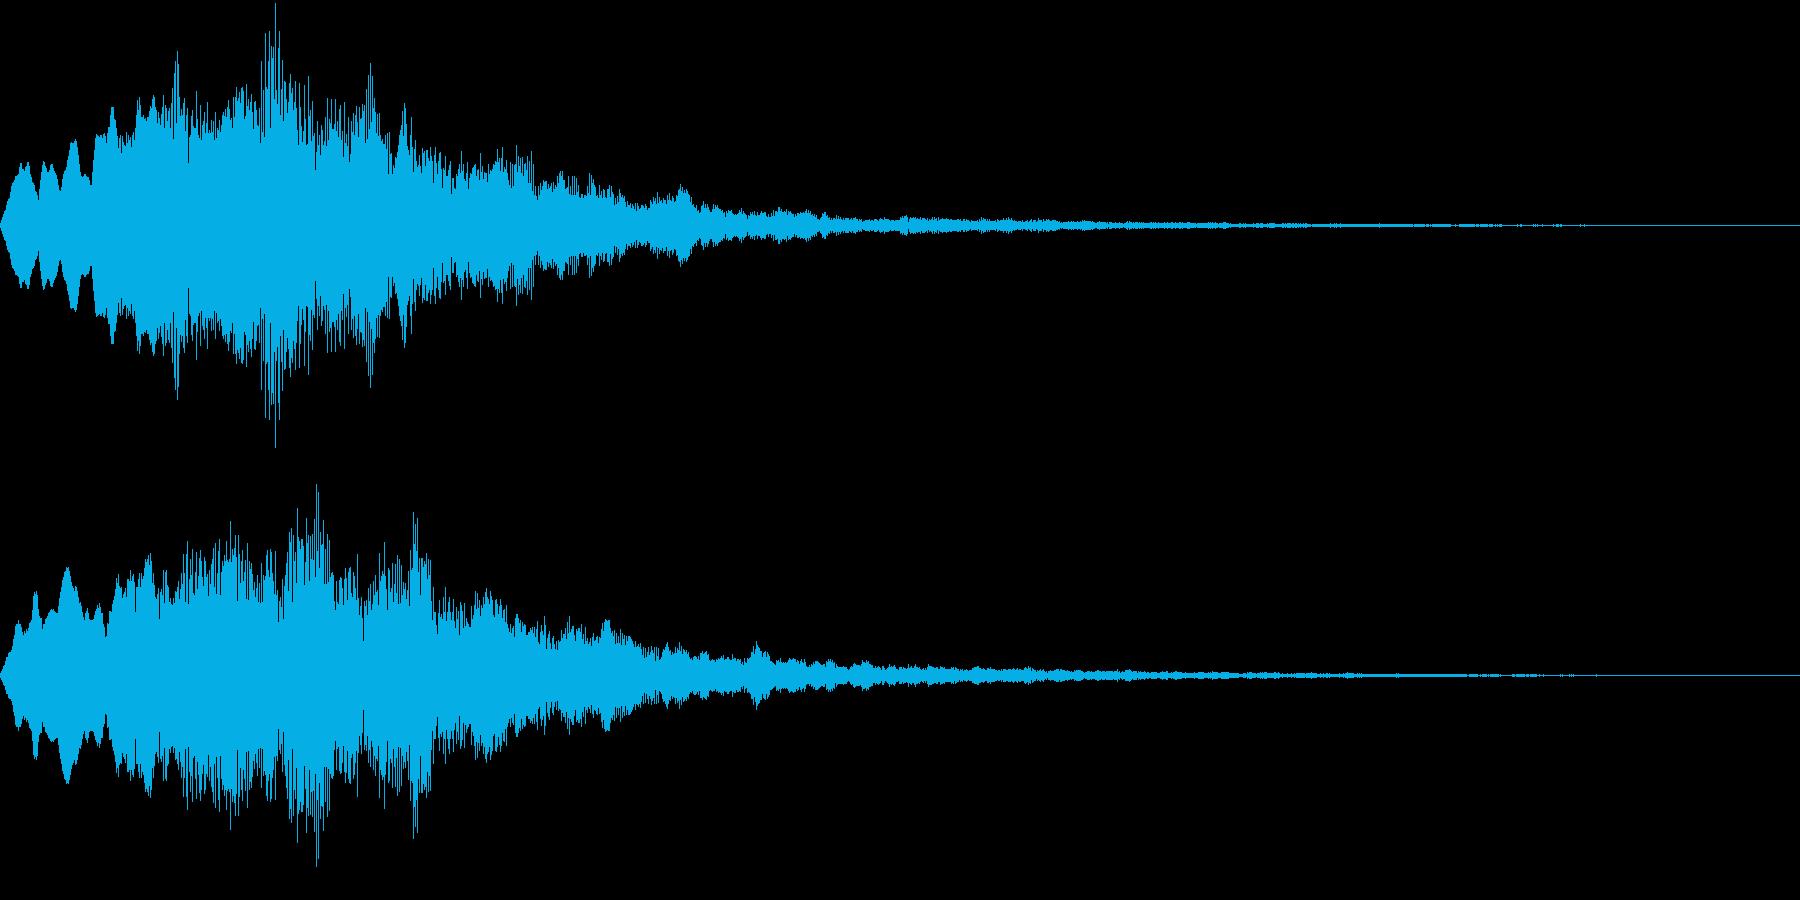 Level 短めのレベルアップSE 2の再生済みの波形